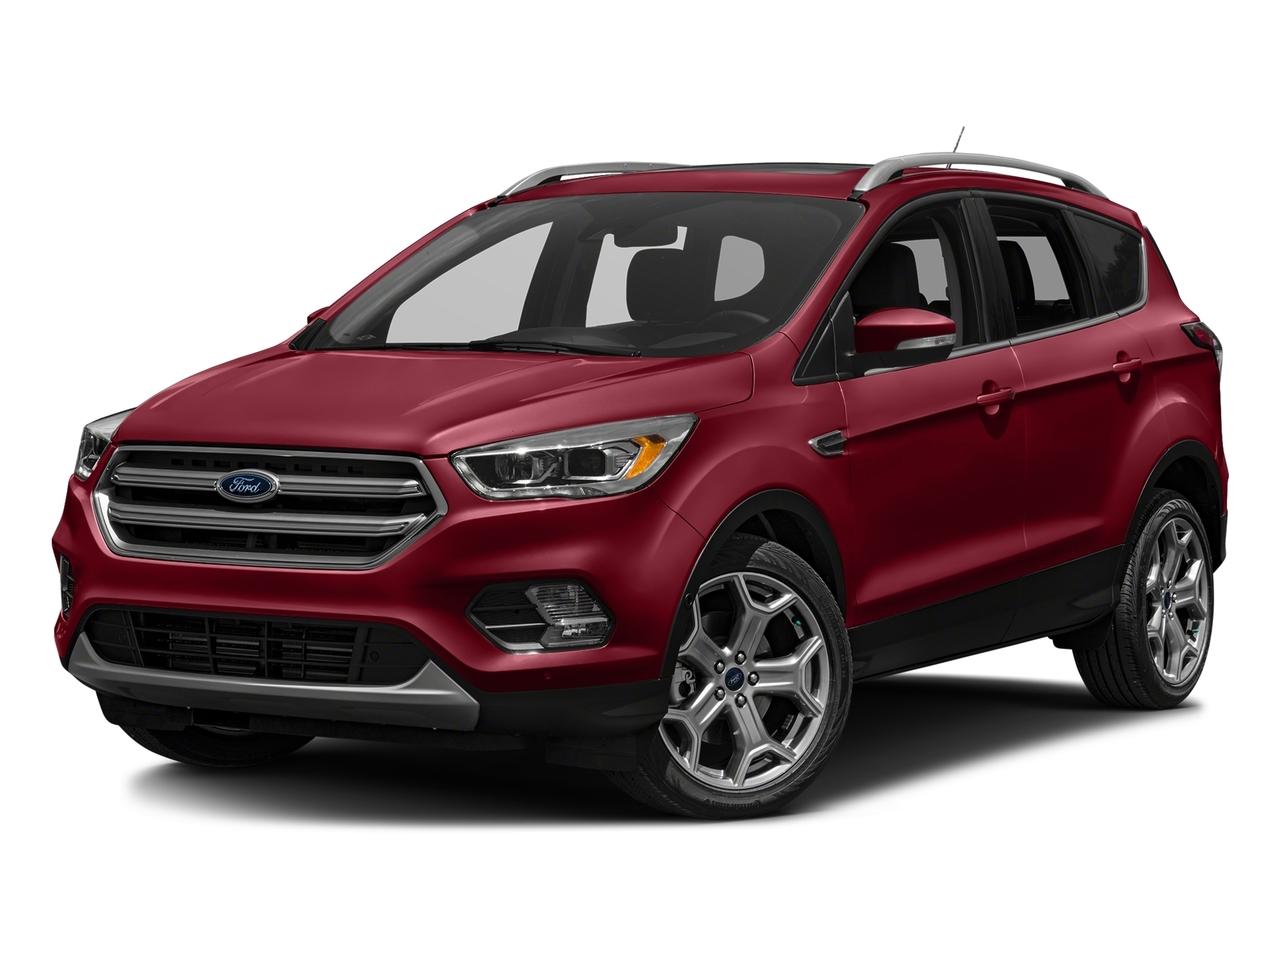 2017 Ford Escape TITANIUM SUV Slide